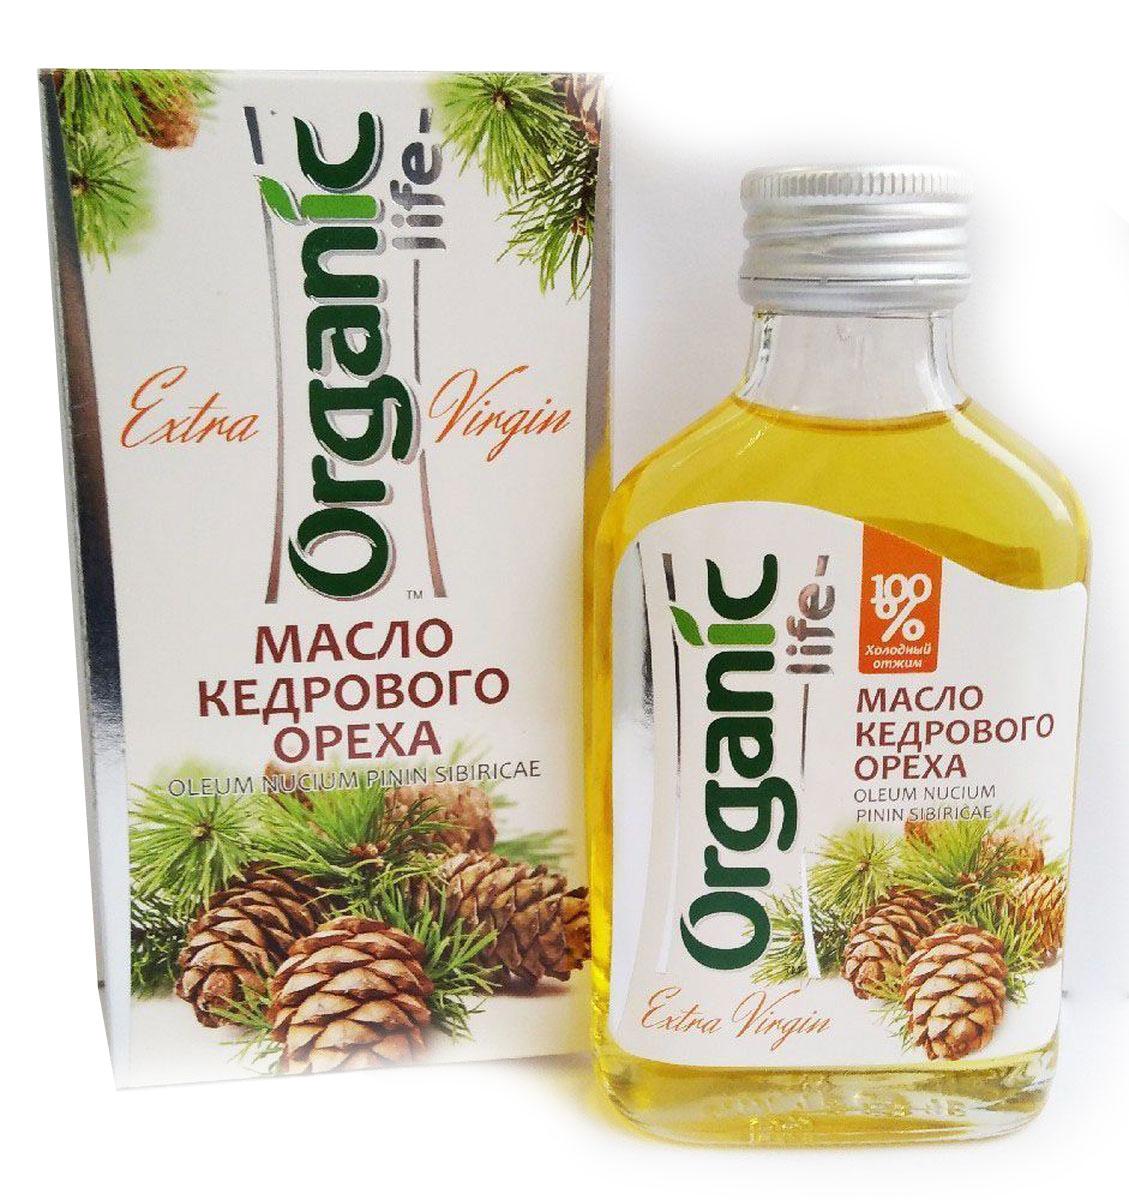 Organic Life масло кедрового ореха, 100 мл212036Масло кедровое (из ядер сибирского кедрового ореха) - настоящая природная кладовая необходимых человеку веществ. В его составе гармонично сочетаются витамины (Е, А, группа В, РР, D), аминокислоты, микроэлементы, фосфолипиды. Особую ценность представляет комплекс полиненасыщенных жирных кислот Омега-6 и Омега-3 (витамин Р), которые не синтезируются в организме, поэтому должны поступать с пищей. Они положительно воздействуют на структуры стенок сосудов и активно участвуют в синтезе различных гормонов, сохраняя молодость, здоровье и красоту. Кедровое масло содержит редко встречающуюся в природе гамма-линоленовую кислоту. Она обладает противовоспалительным действием, предупреждает образование тромбов, снижает уровень плохого холестерина в крови, контролирует возникновение жировых клеток, ускоряет расщепление жиров, помогает избавиться от лишнего веса. Кедровое масло обладает тонким ореховым вкусом и ароматом, может улучшить вкус любого блюда. Способ применения: по 1 ч.л. 2-3 раза в день.Масла для здорового питания: мнение диетолога. Статья OZON Гид